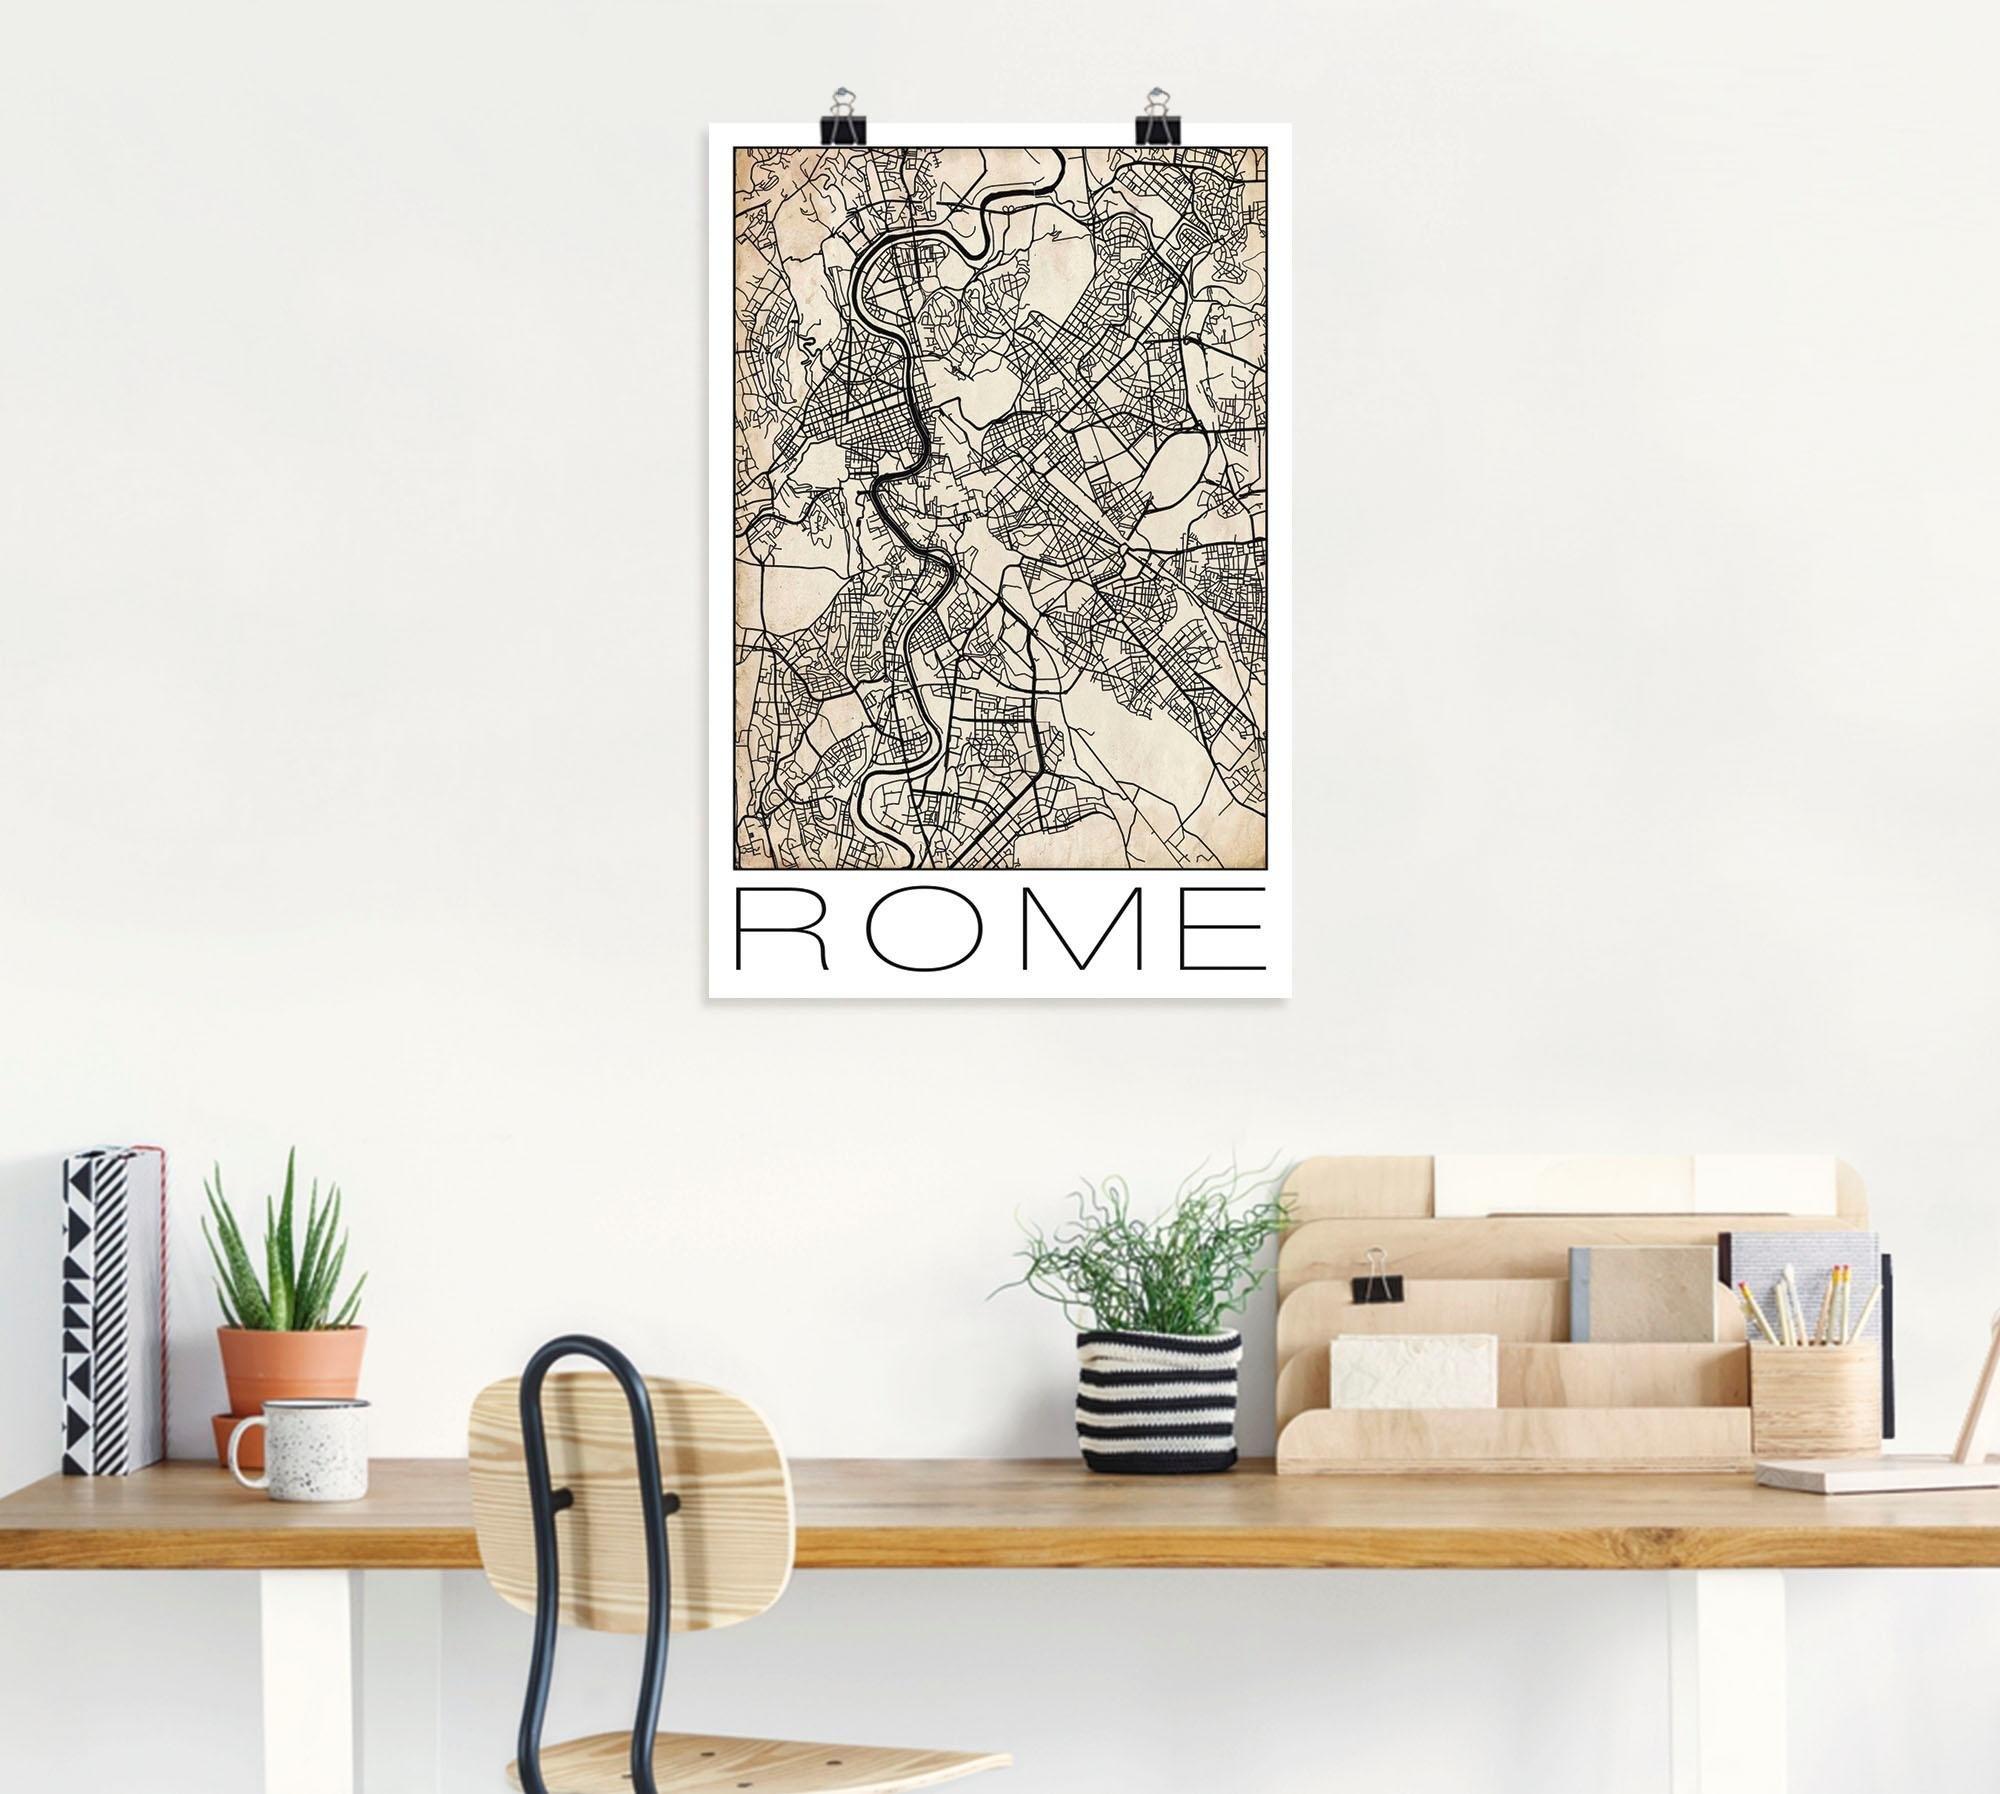 Artland artprint »Retro Karte Rom Italien Grunge« - verschillende betaalmethodes